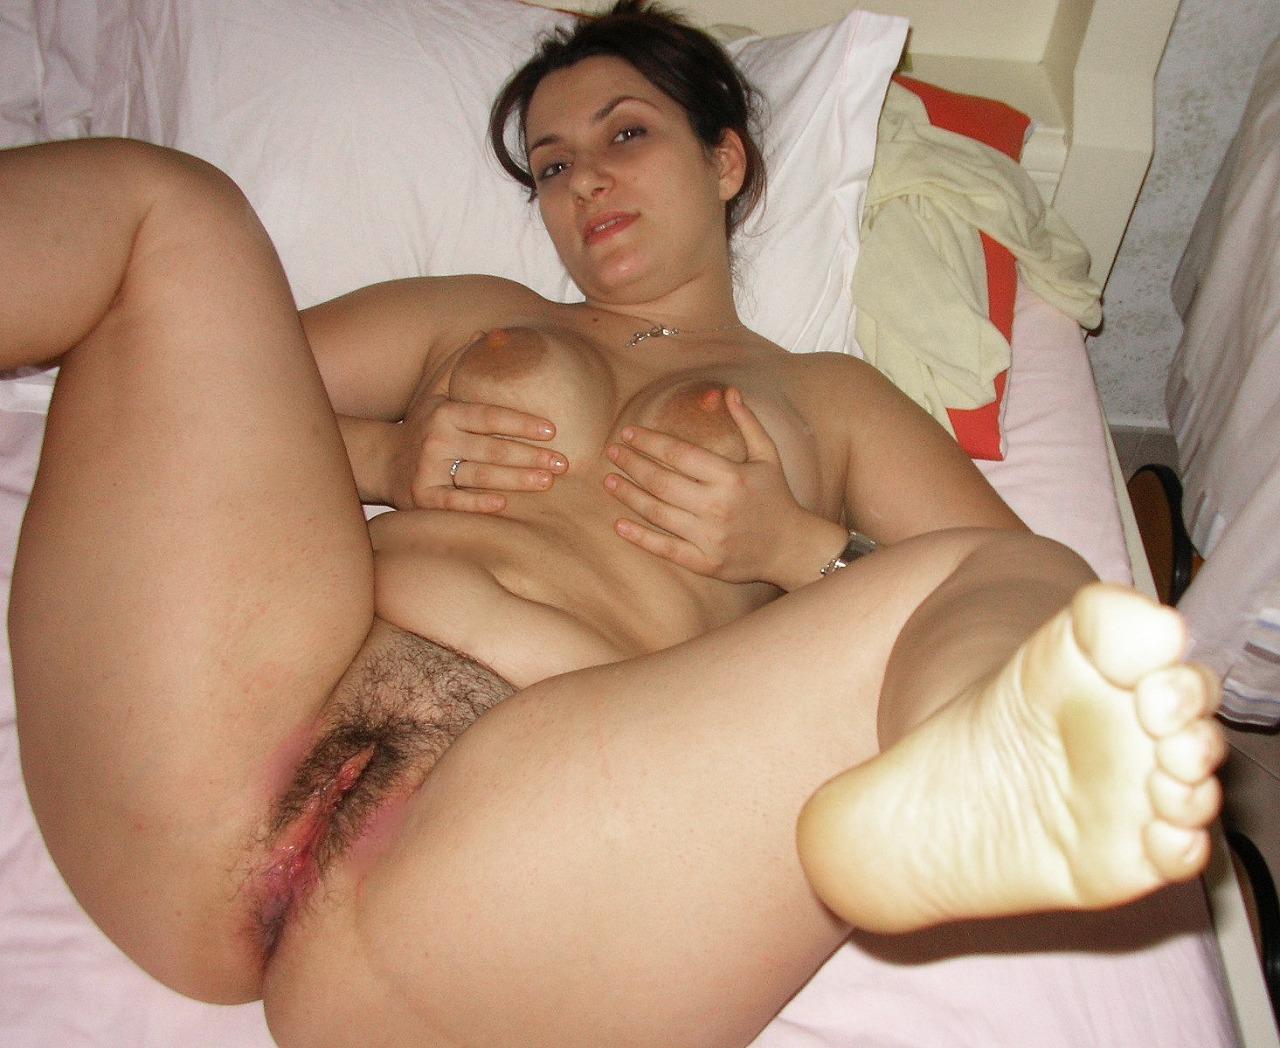 бесплатное порно на порно тубе со зрелыми волосатми женнщинами